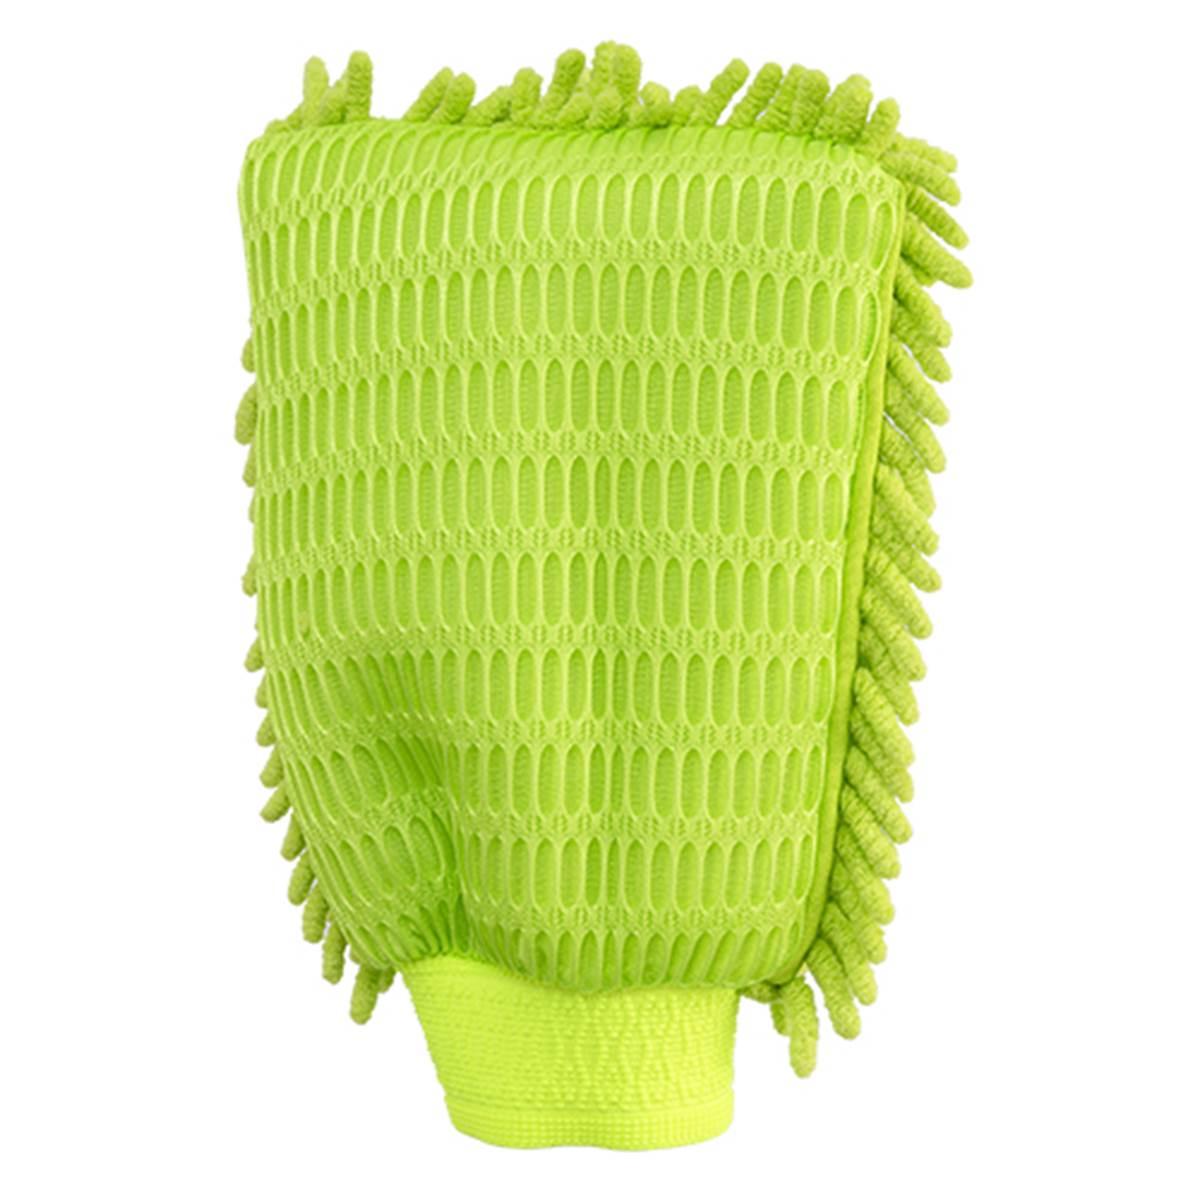 gant de lavage microfibre haute performance feu vert